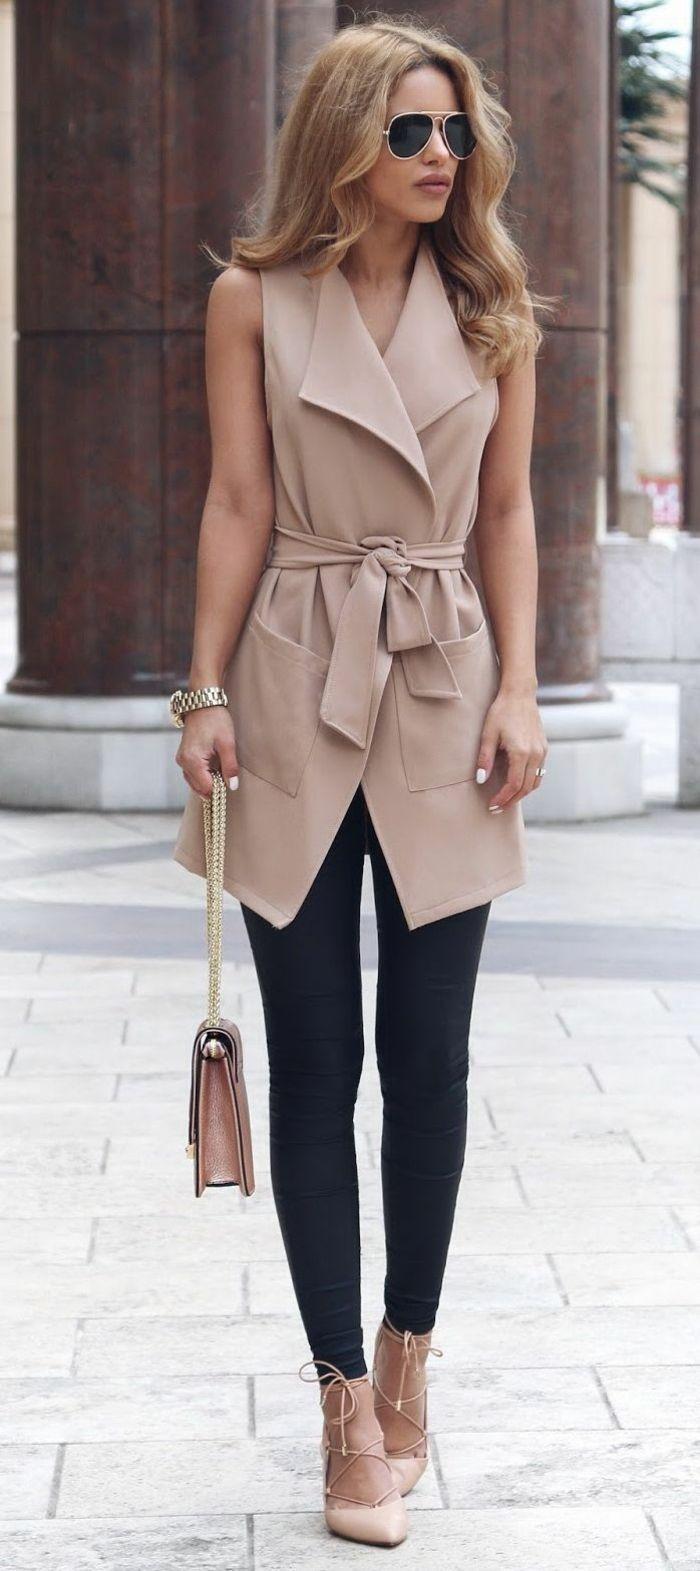 tenue classe femme tendance sans manches manteau